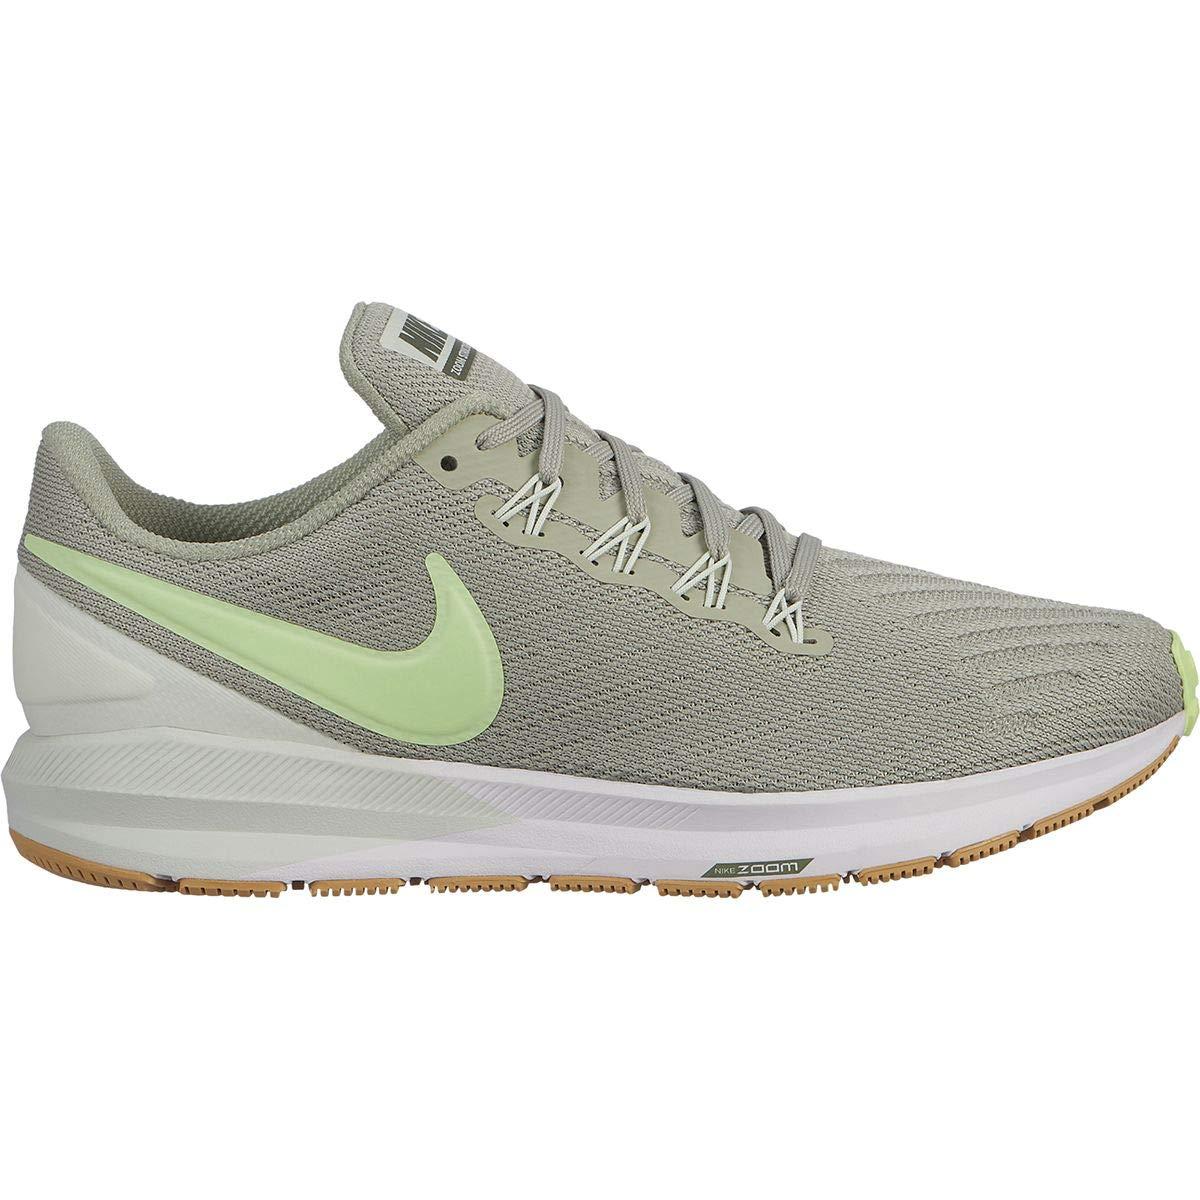 正規品販売! [ナイキ] レディース ランニング Running Air Zoom Structure 22 8.5 Running Zoom Shoe [並行輸入品] B07NYWLCSL 8.5, OKAクリエイト:d1a01188 --- synnexsoftech.com